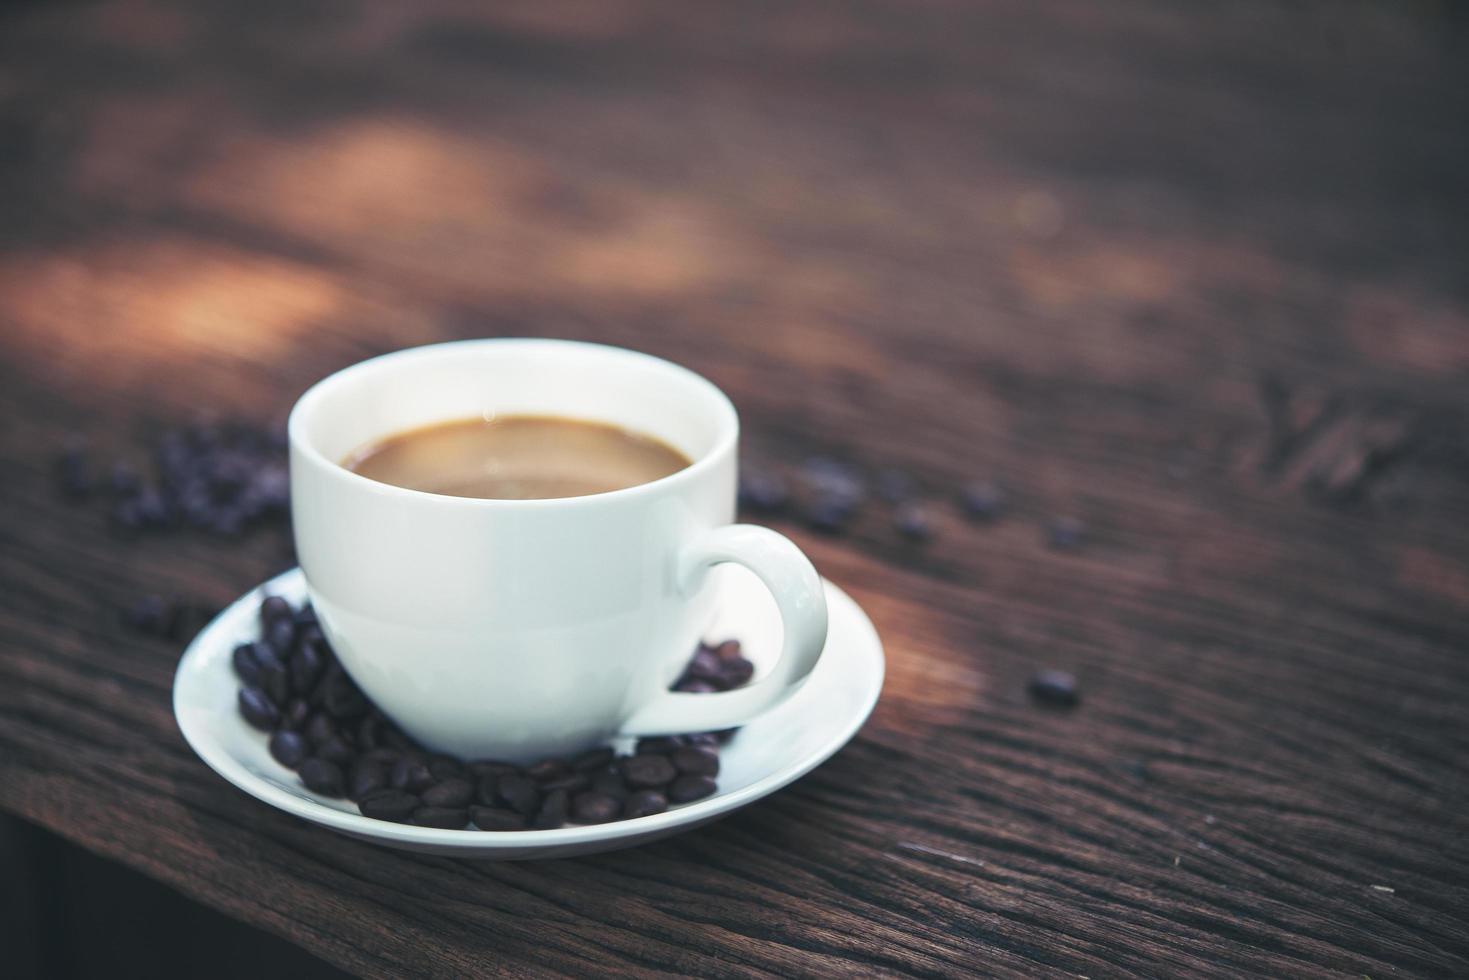 gros plan, de, a, tasse café, à, grains café, sur, table bois photo